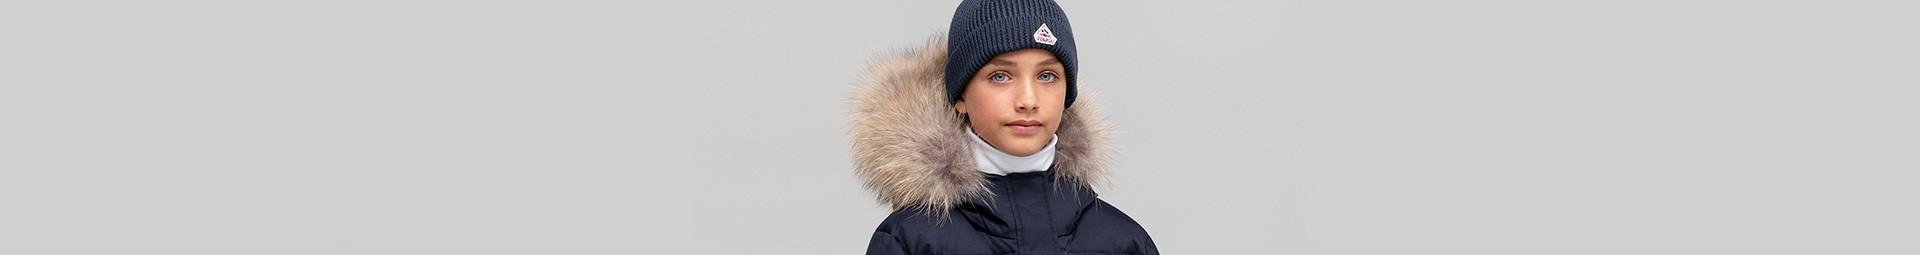 Pyrenex bonnet enfant tout doux et chaud en hiver